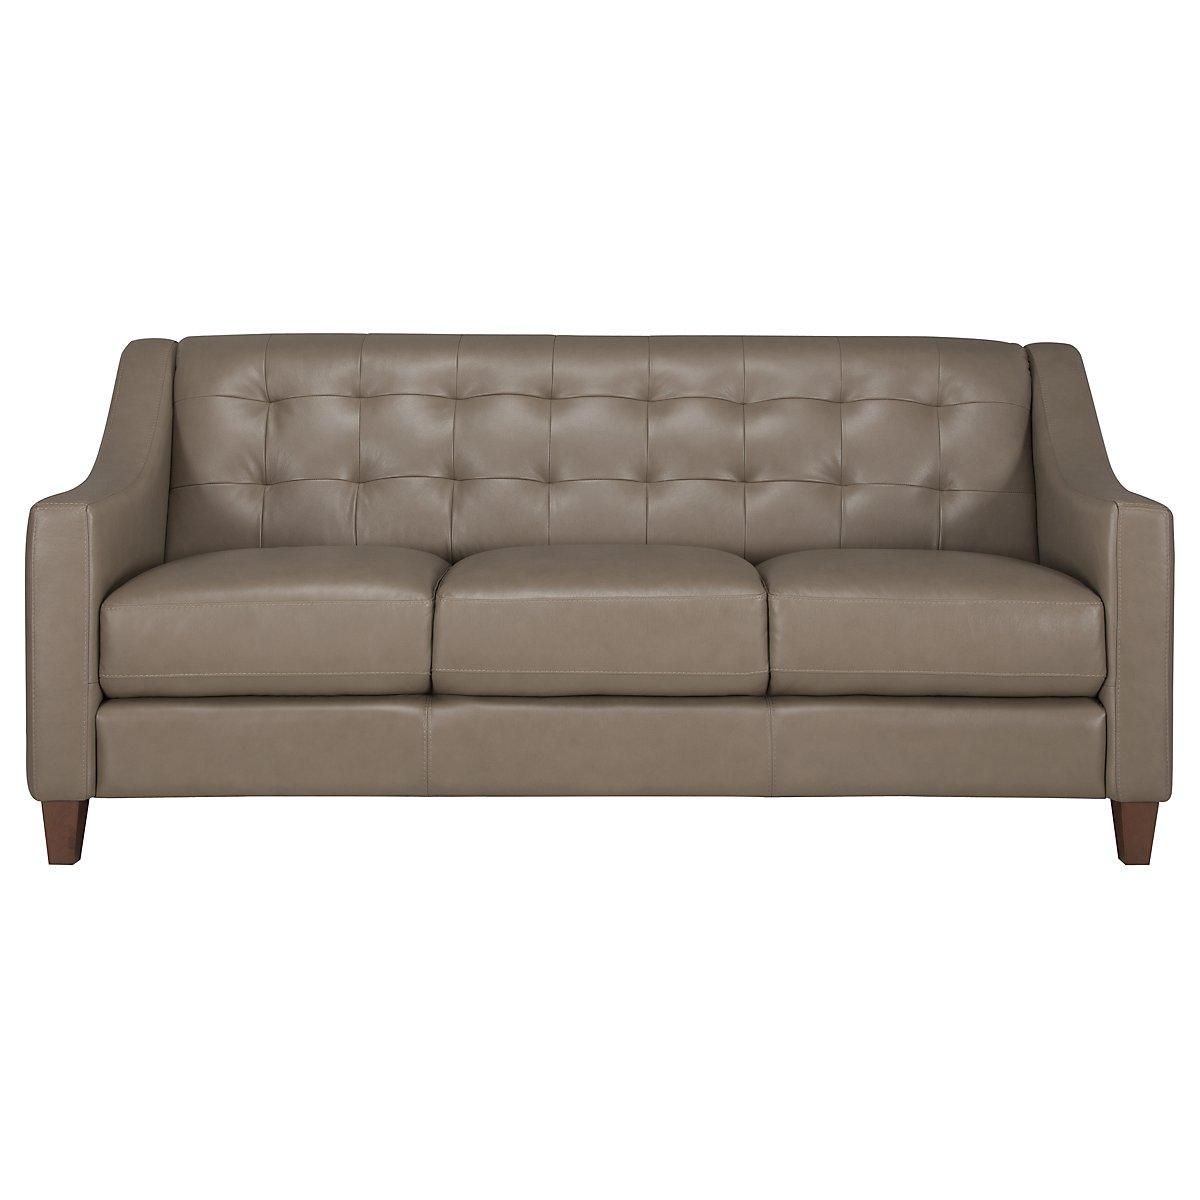 Elise Pewter Leather Sofa